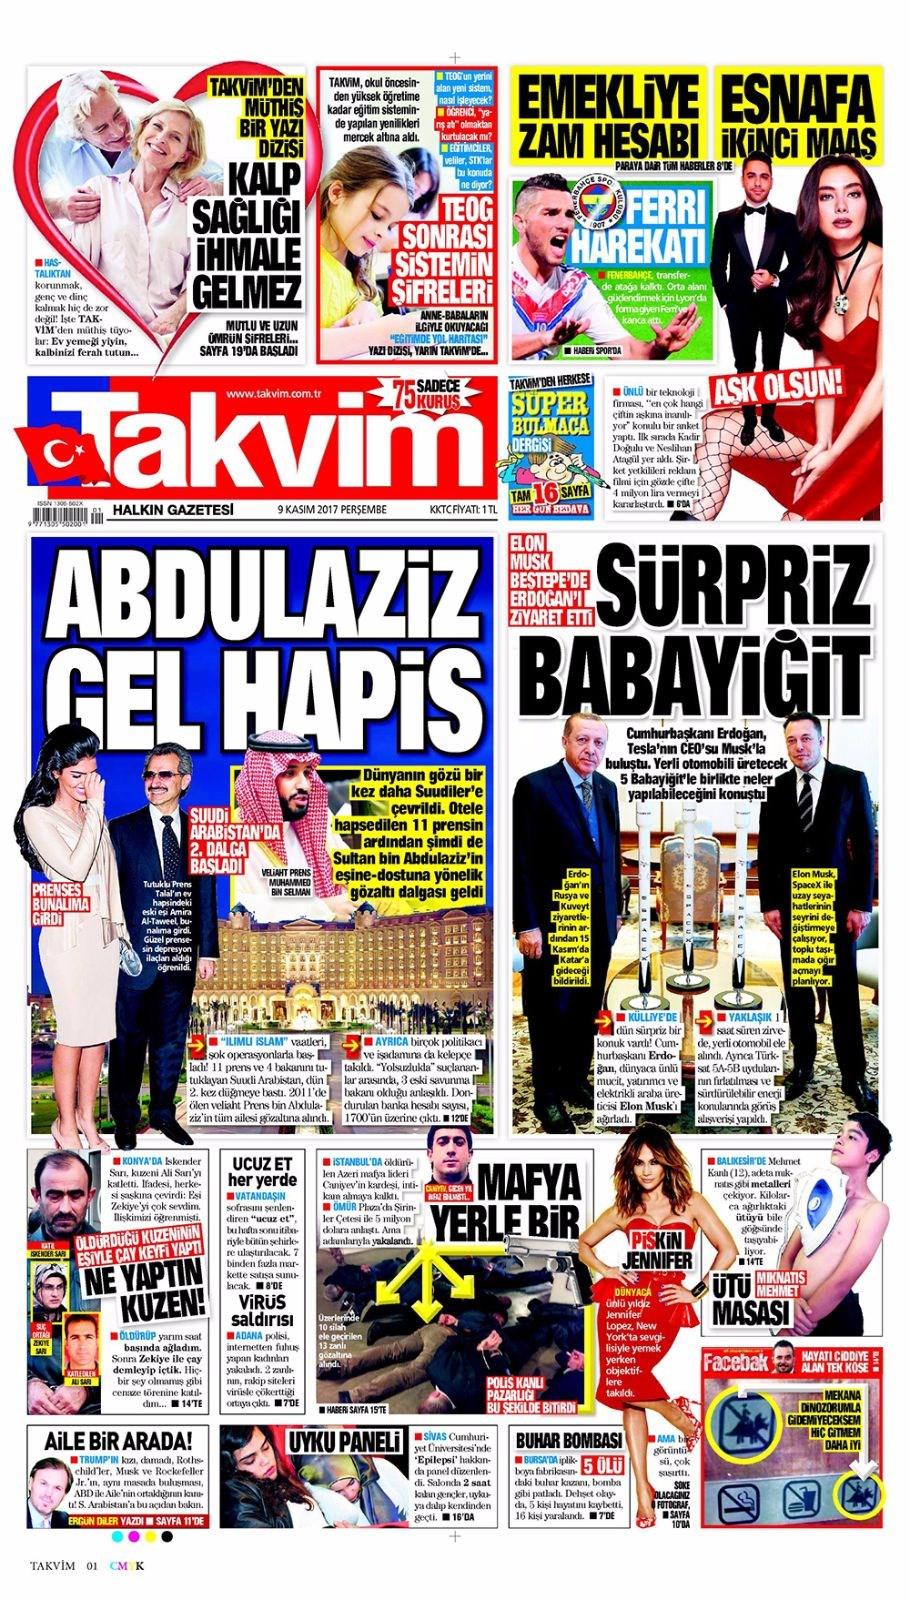 Basında bugün kim ne manşet attı? 9 kasım günün gazete manşetleri 12